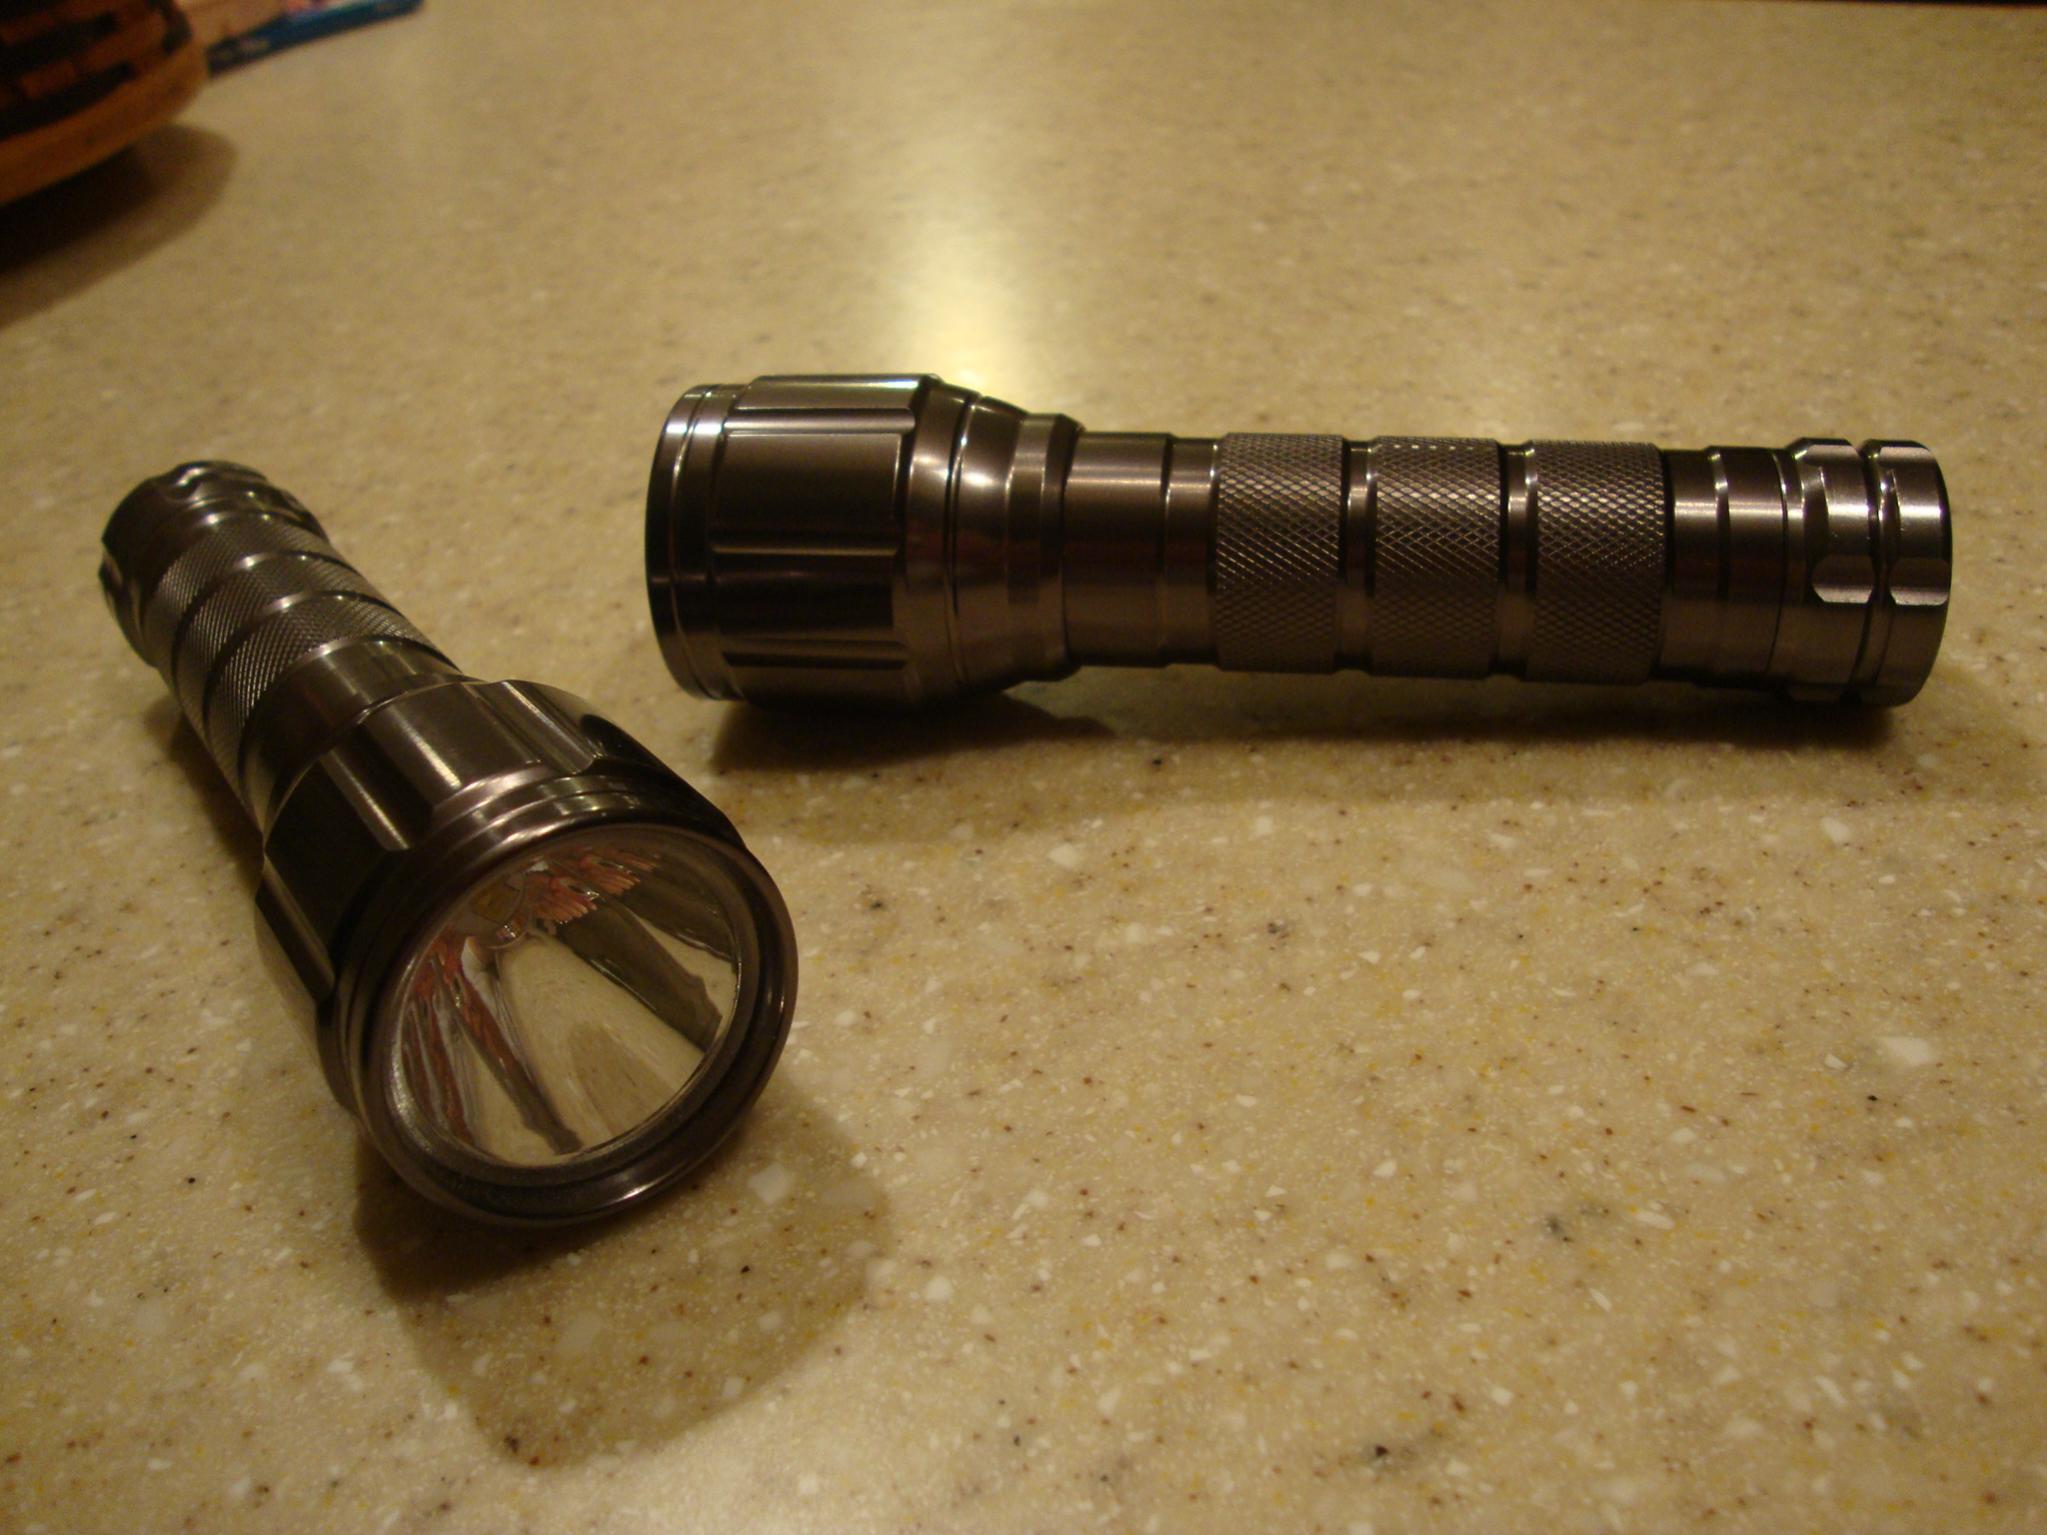 150 lumen FL, 2 for -dsc00685.jpg